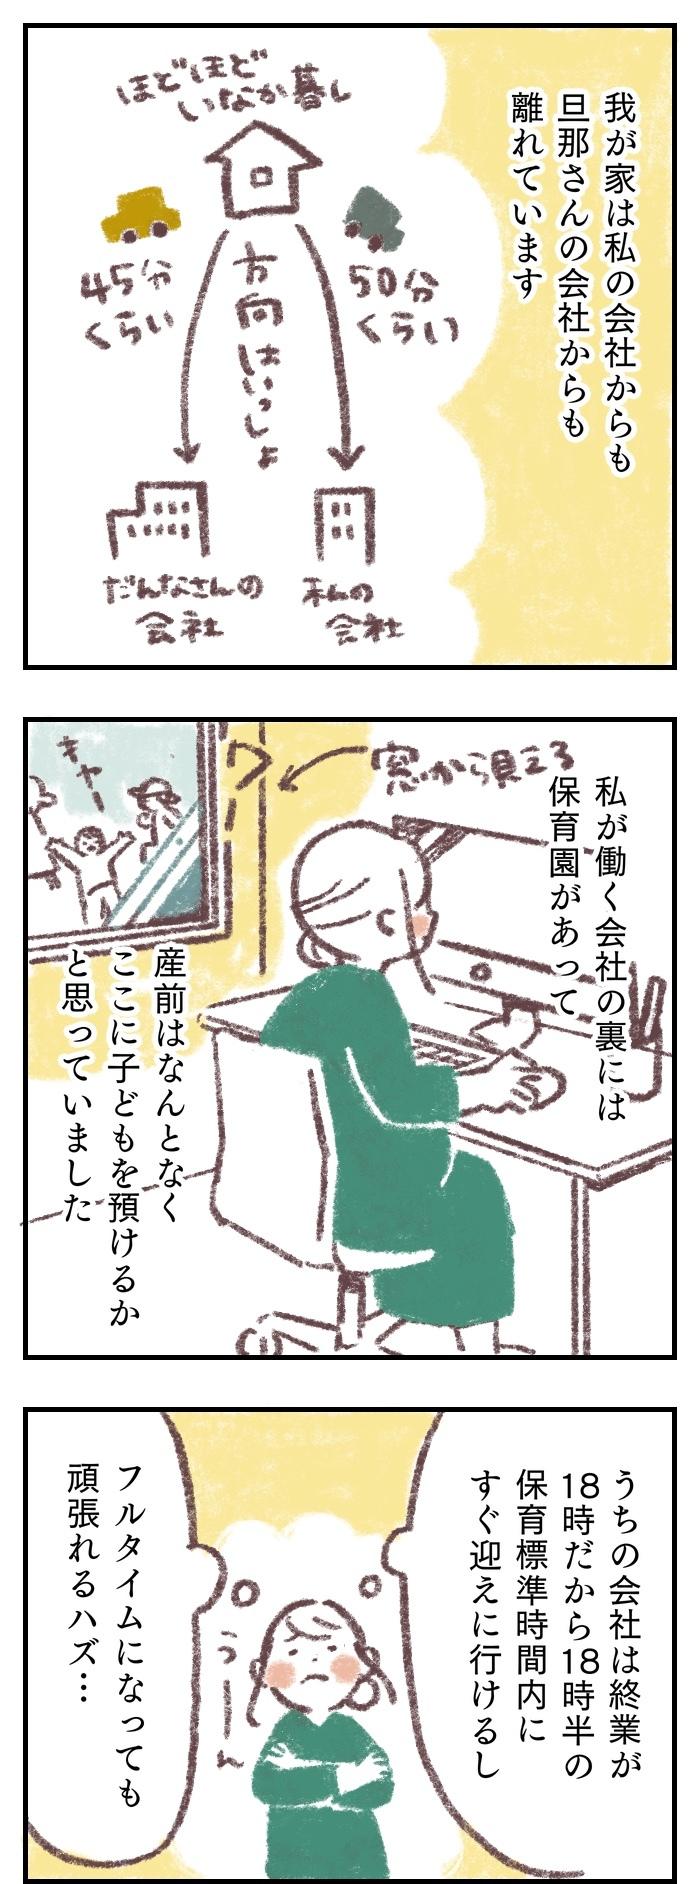 産前「フルタイムで!」→産後「時短で…」実際に育児をして、痛感したことの画像1